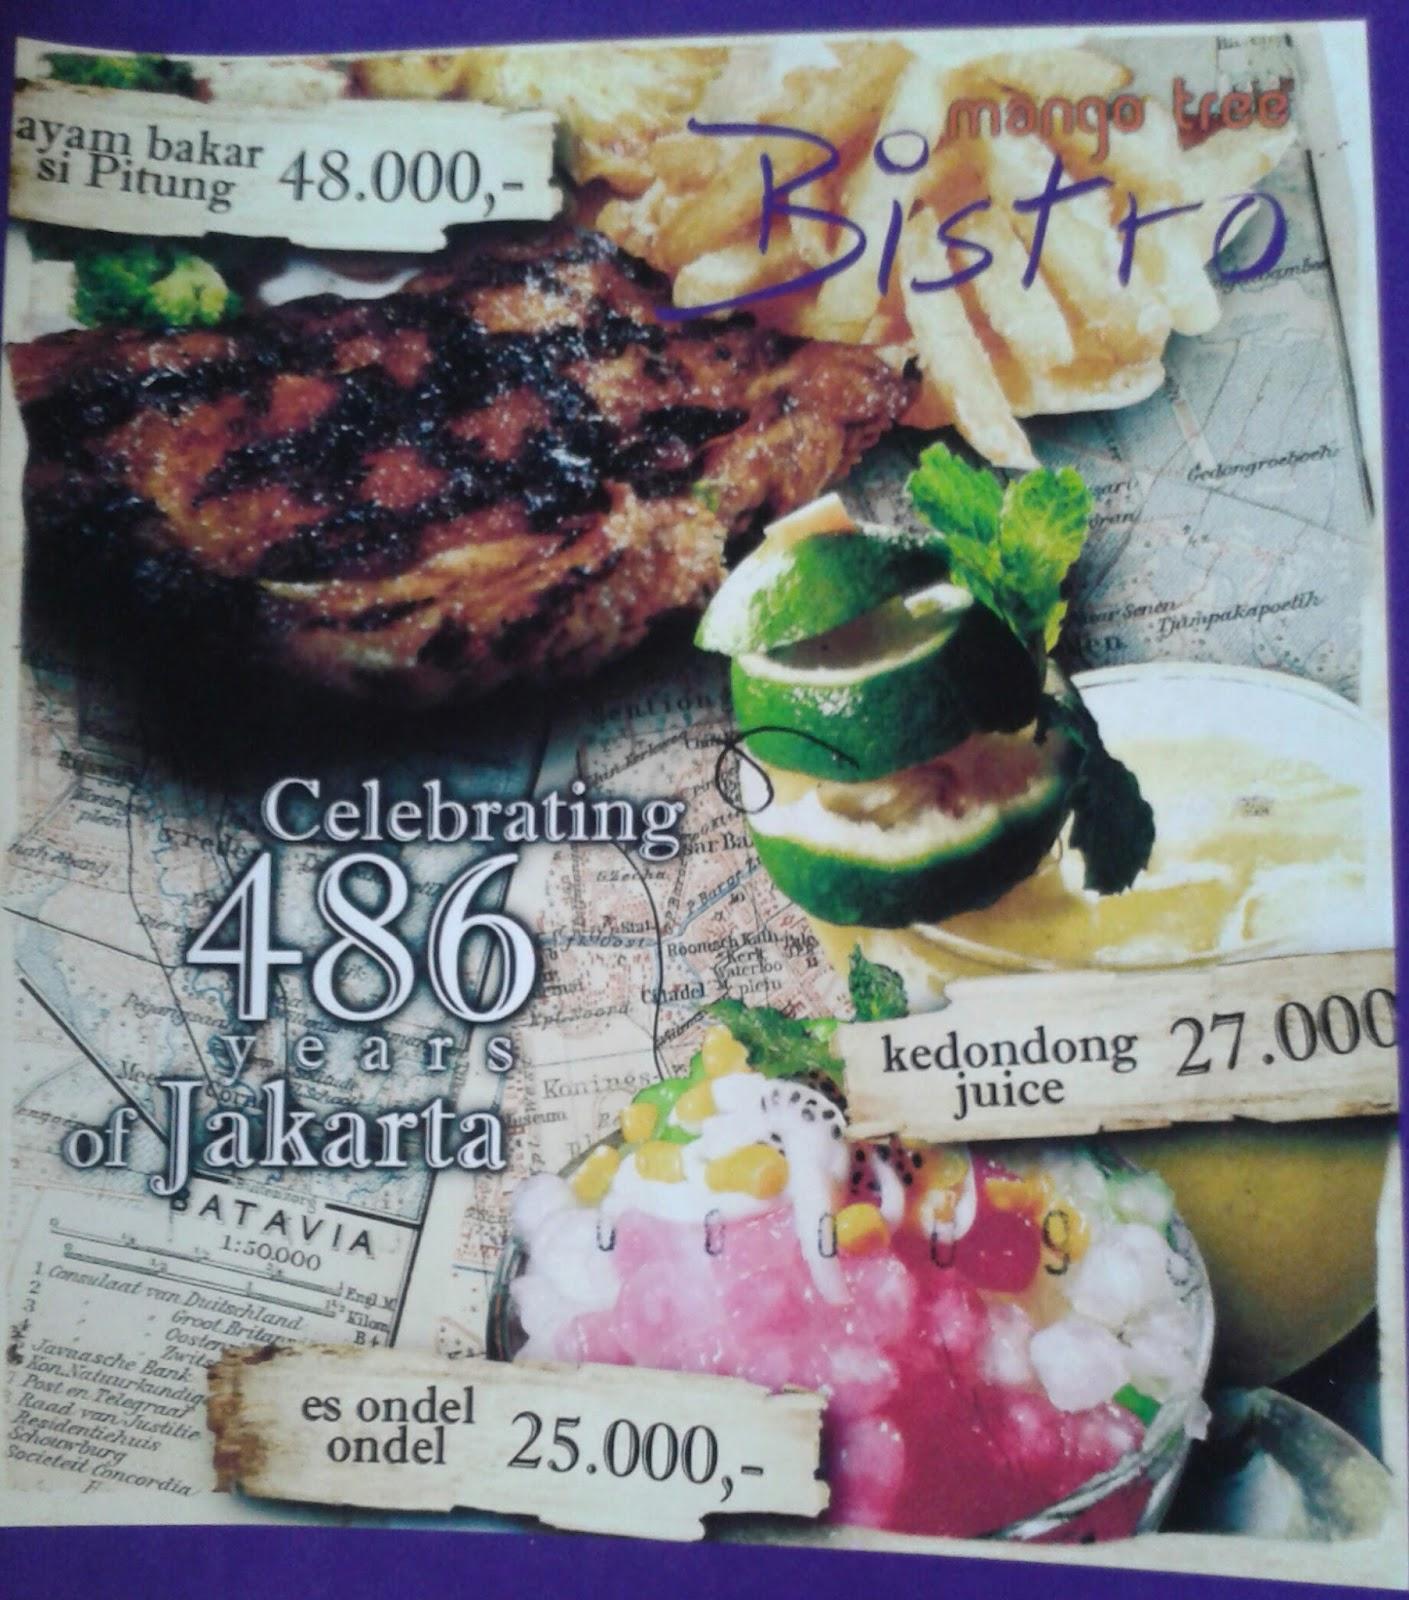 Celebrating 486 years of JAKARTA!